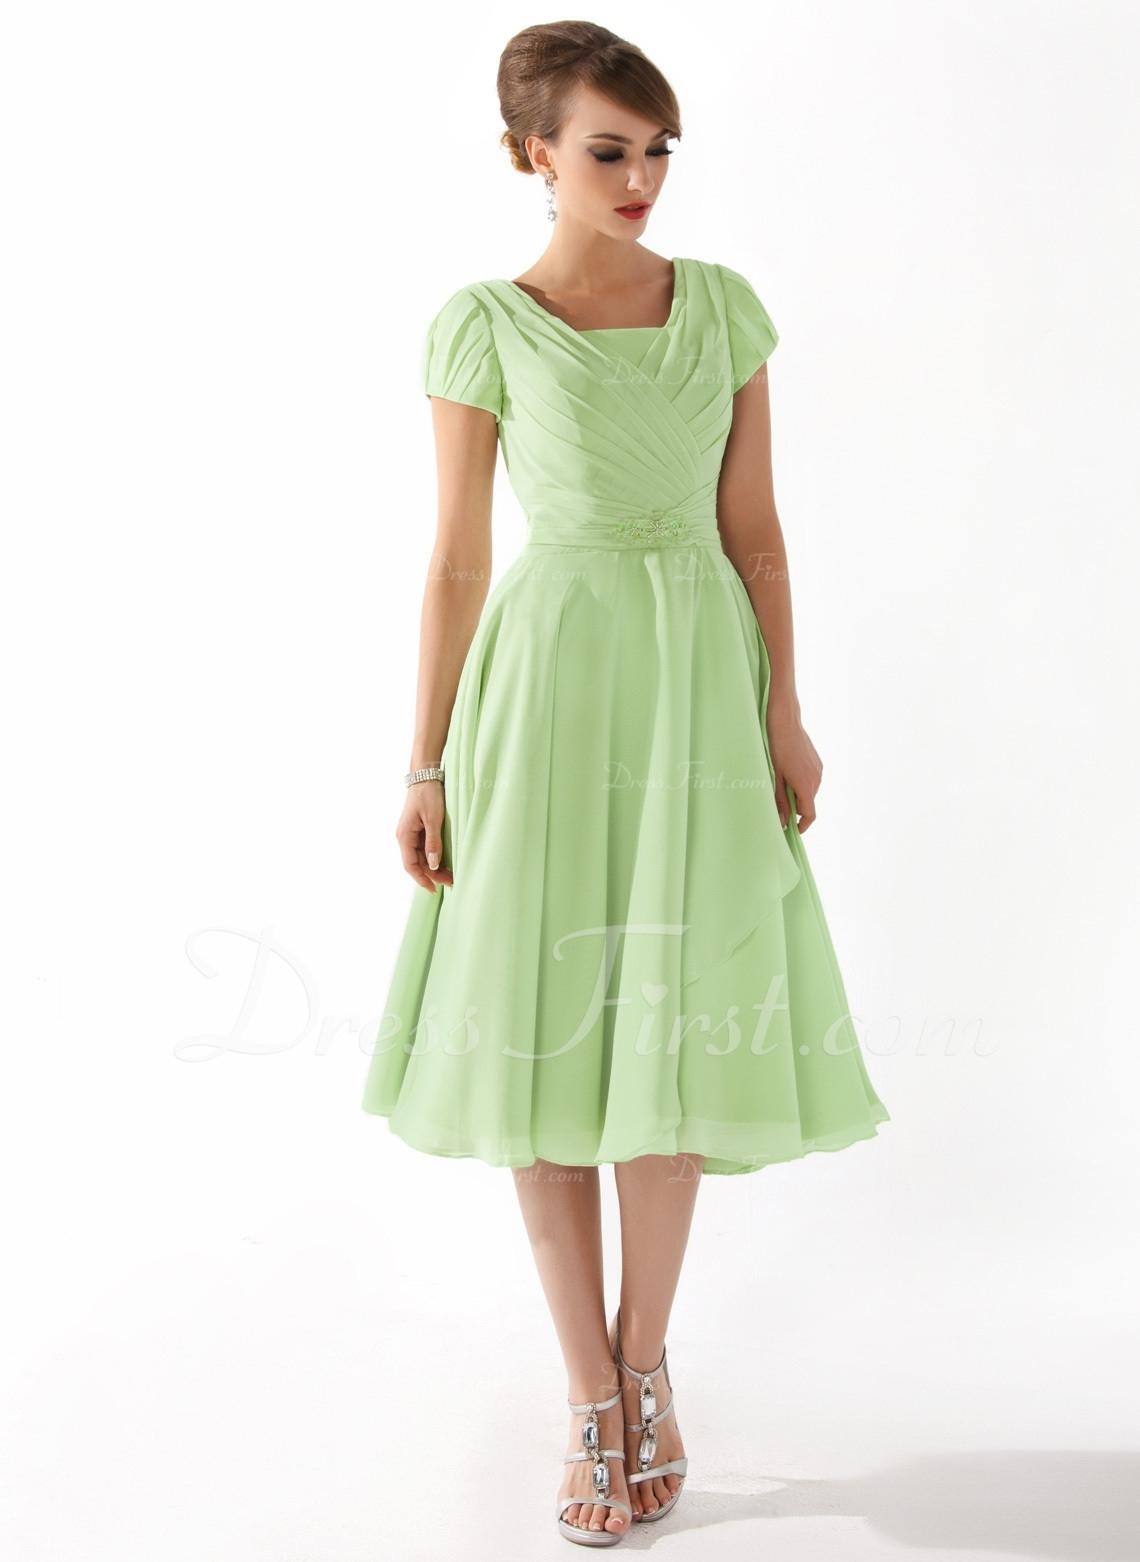 20 Wunderbar Kleider Für Brautmutter Knielang Galerie13 Genial Kleider Für Brautmutter Knielang Vertrieb